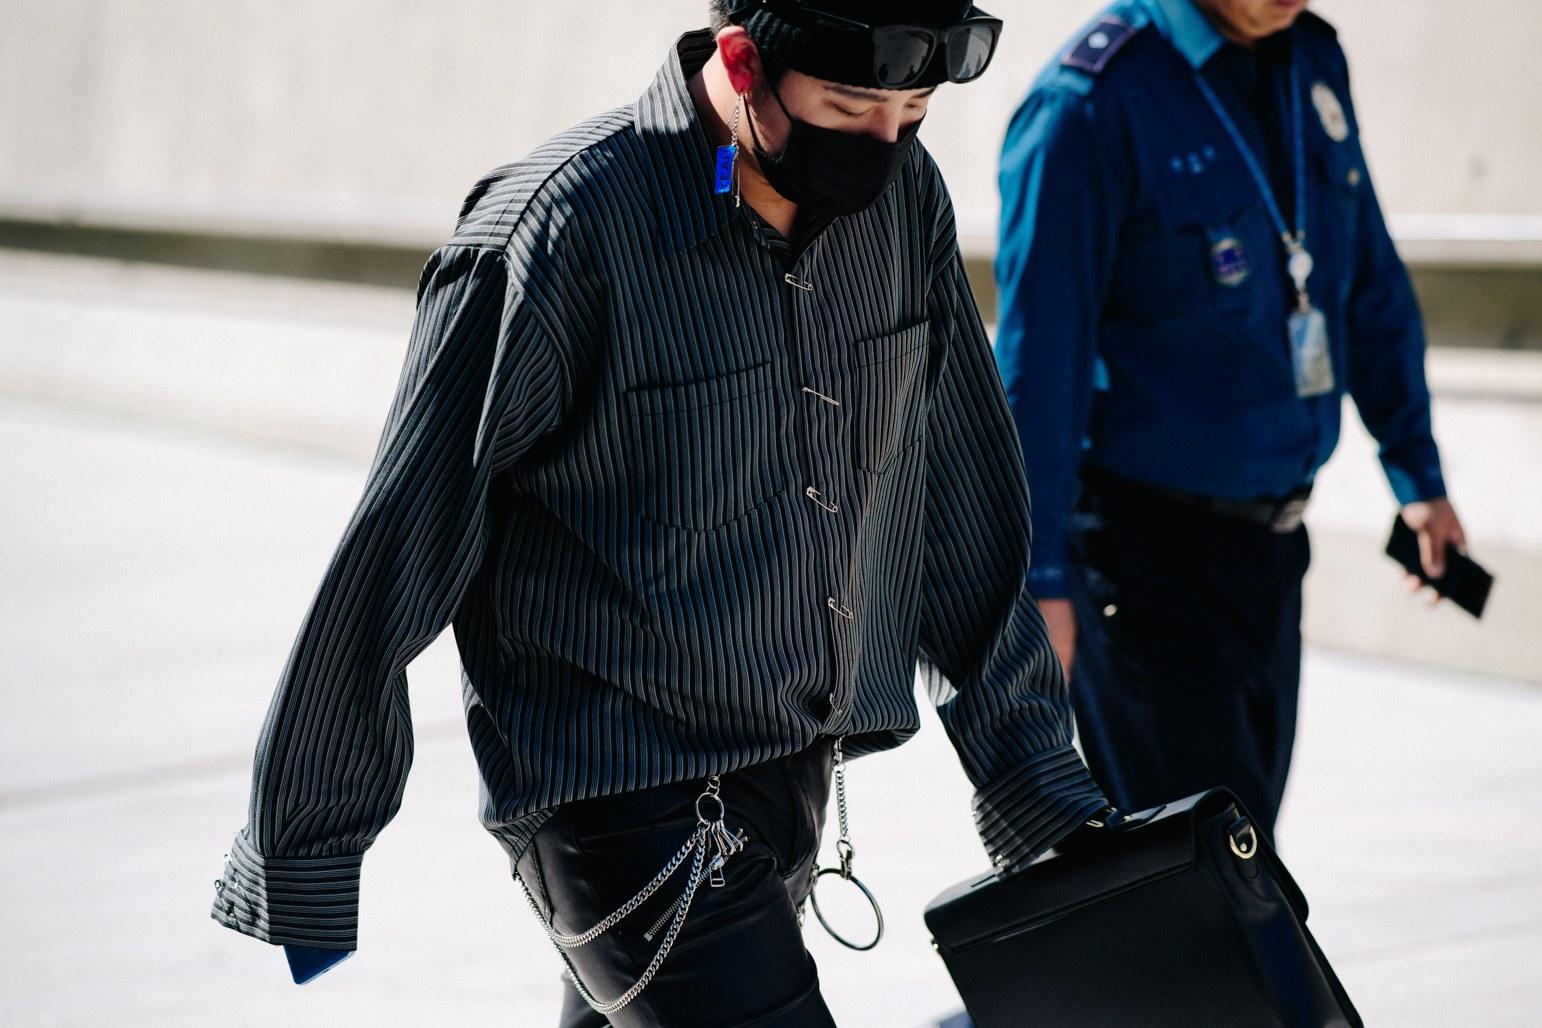 Seoul Fashion Week: Riêng về street style, giới trẻ Hàn nào có thua kém các ngôi sao nổi tiếng - Ảnh 1.